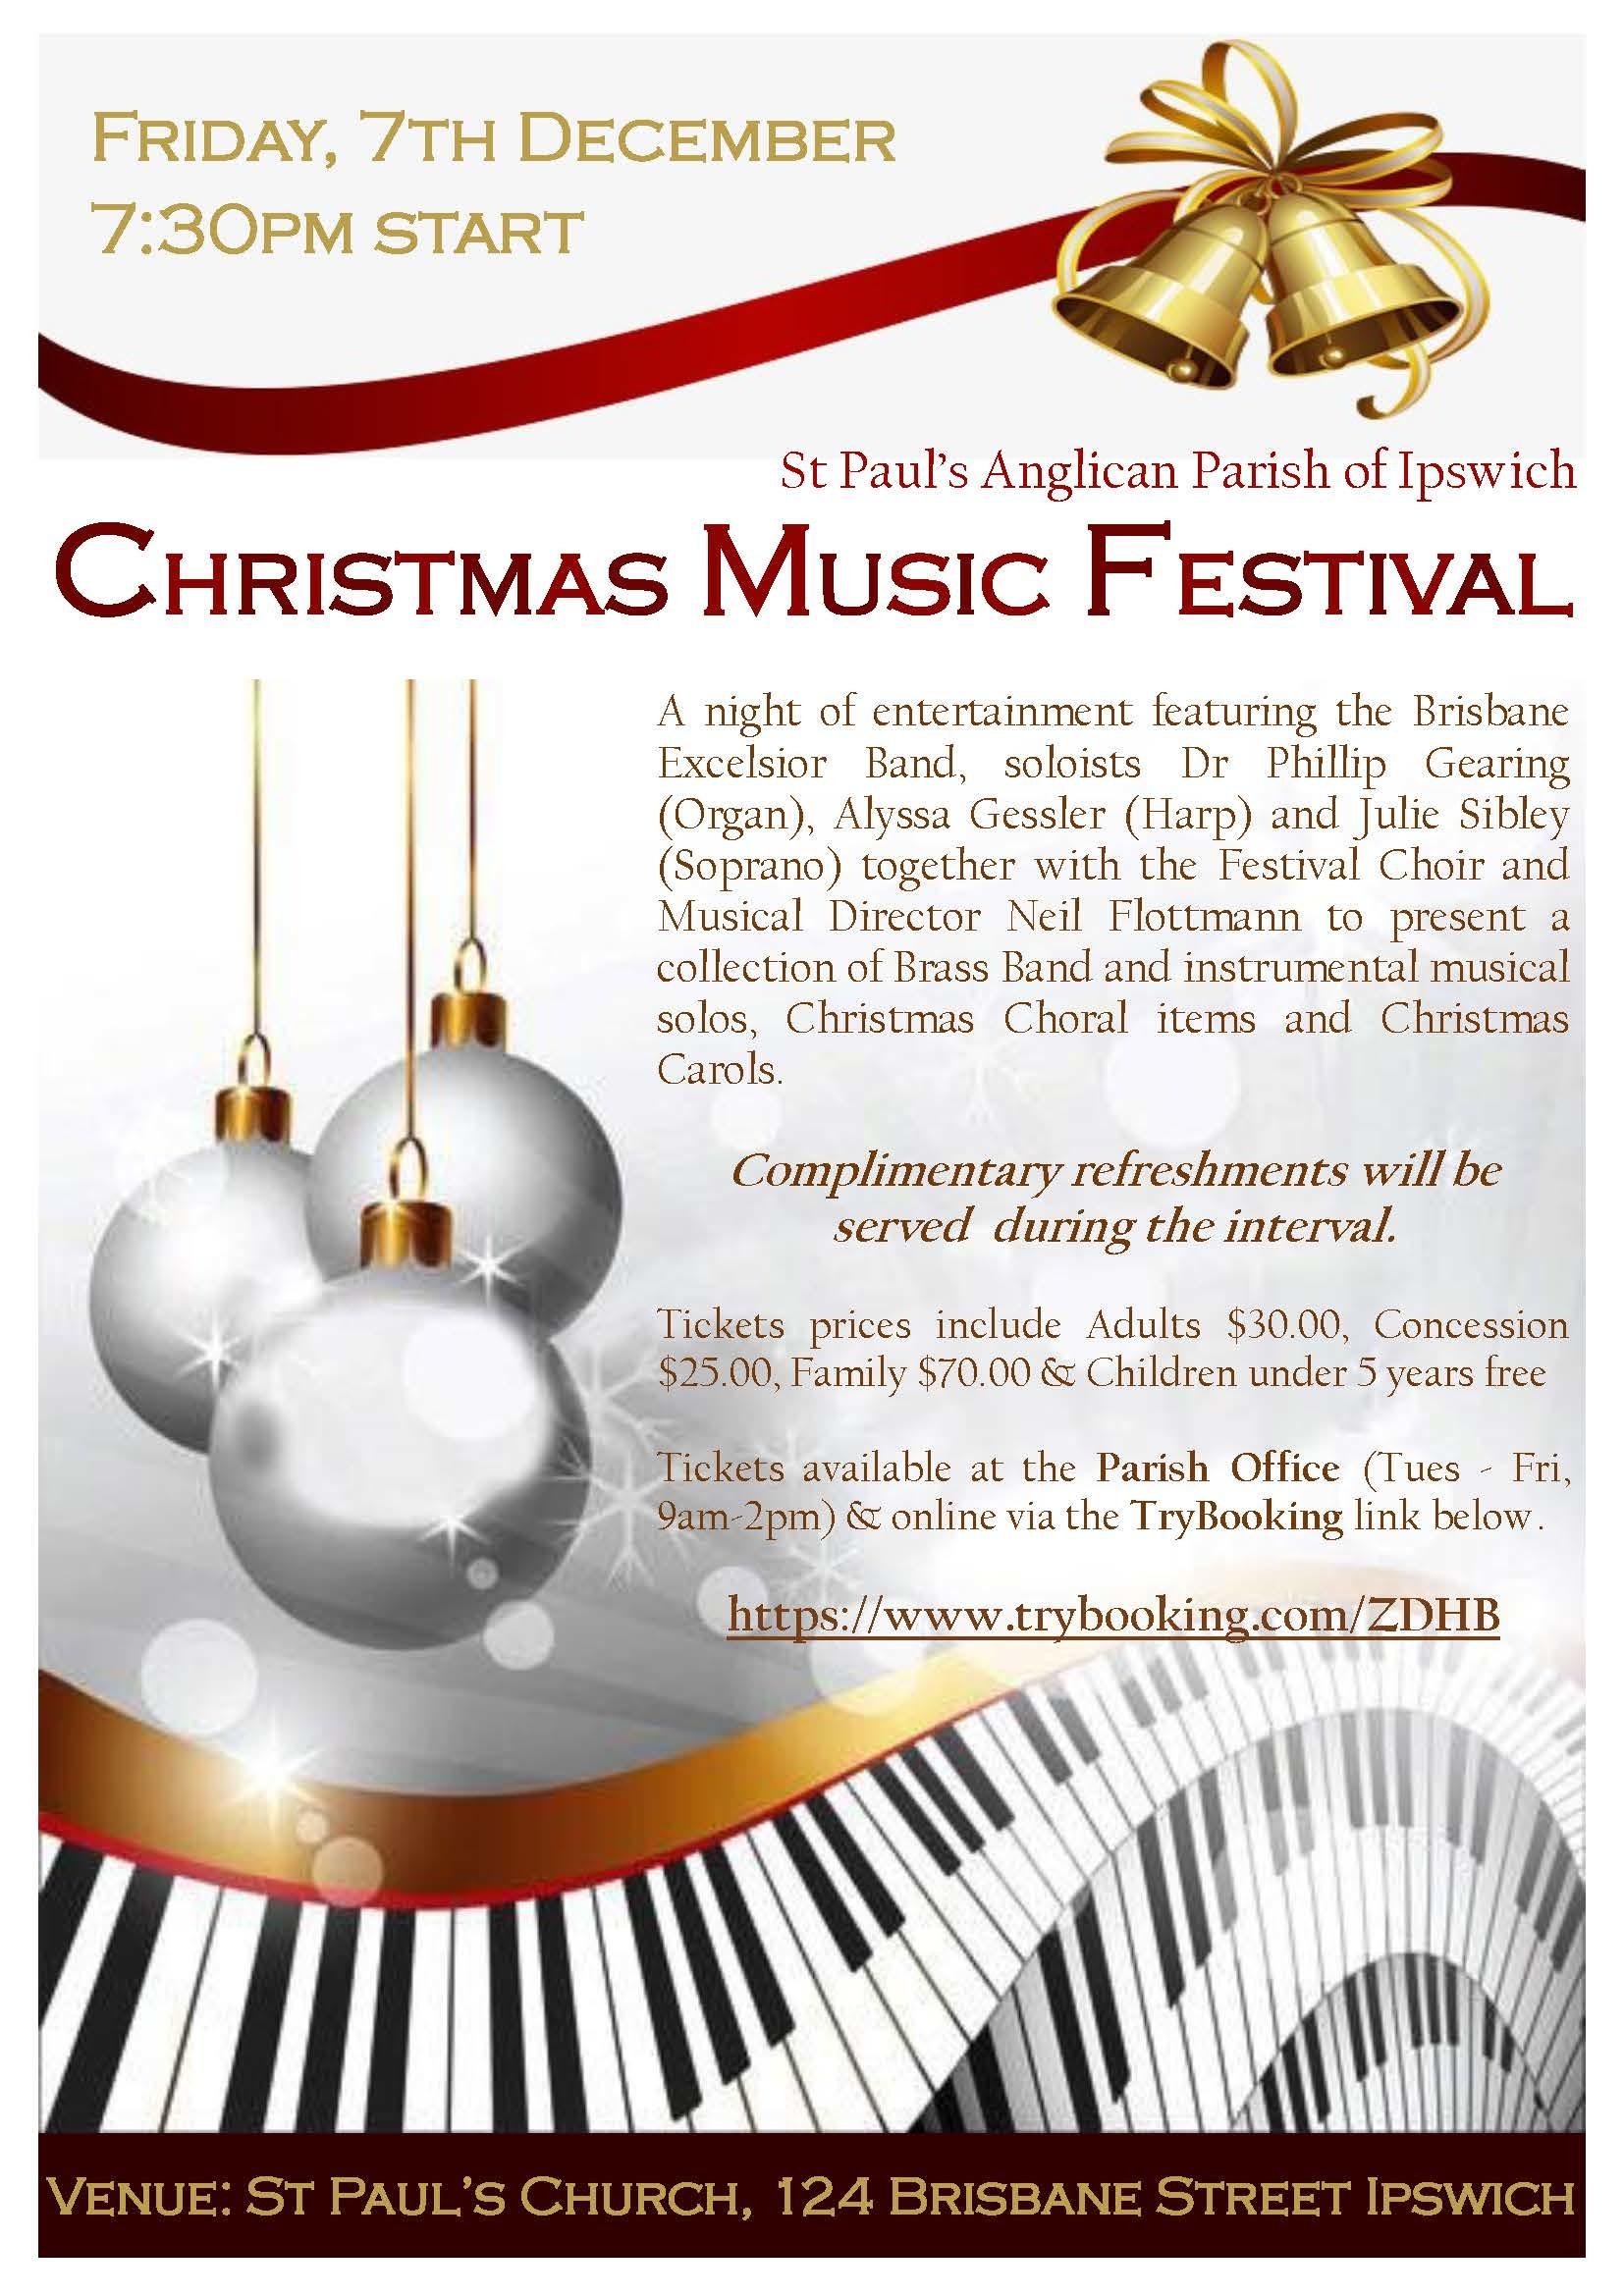 St Paul's Christmas Music Festival